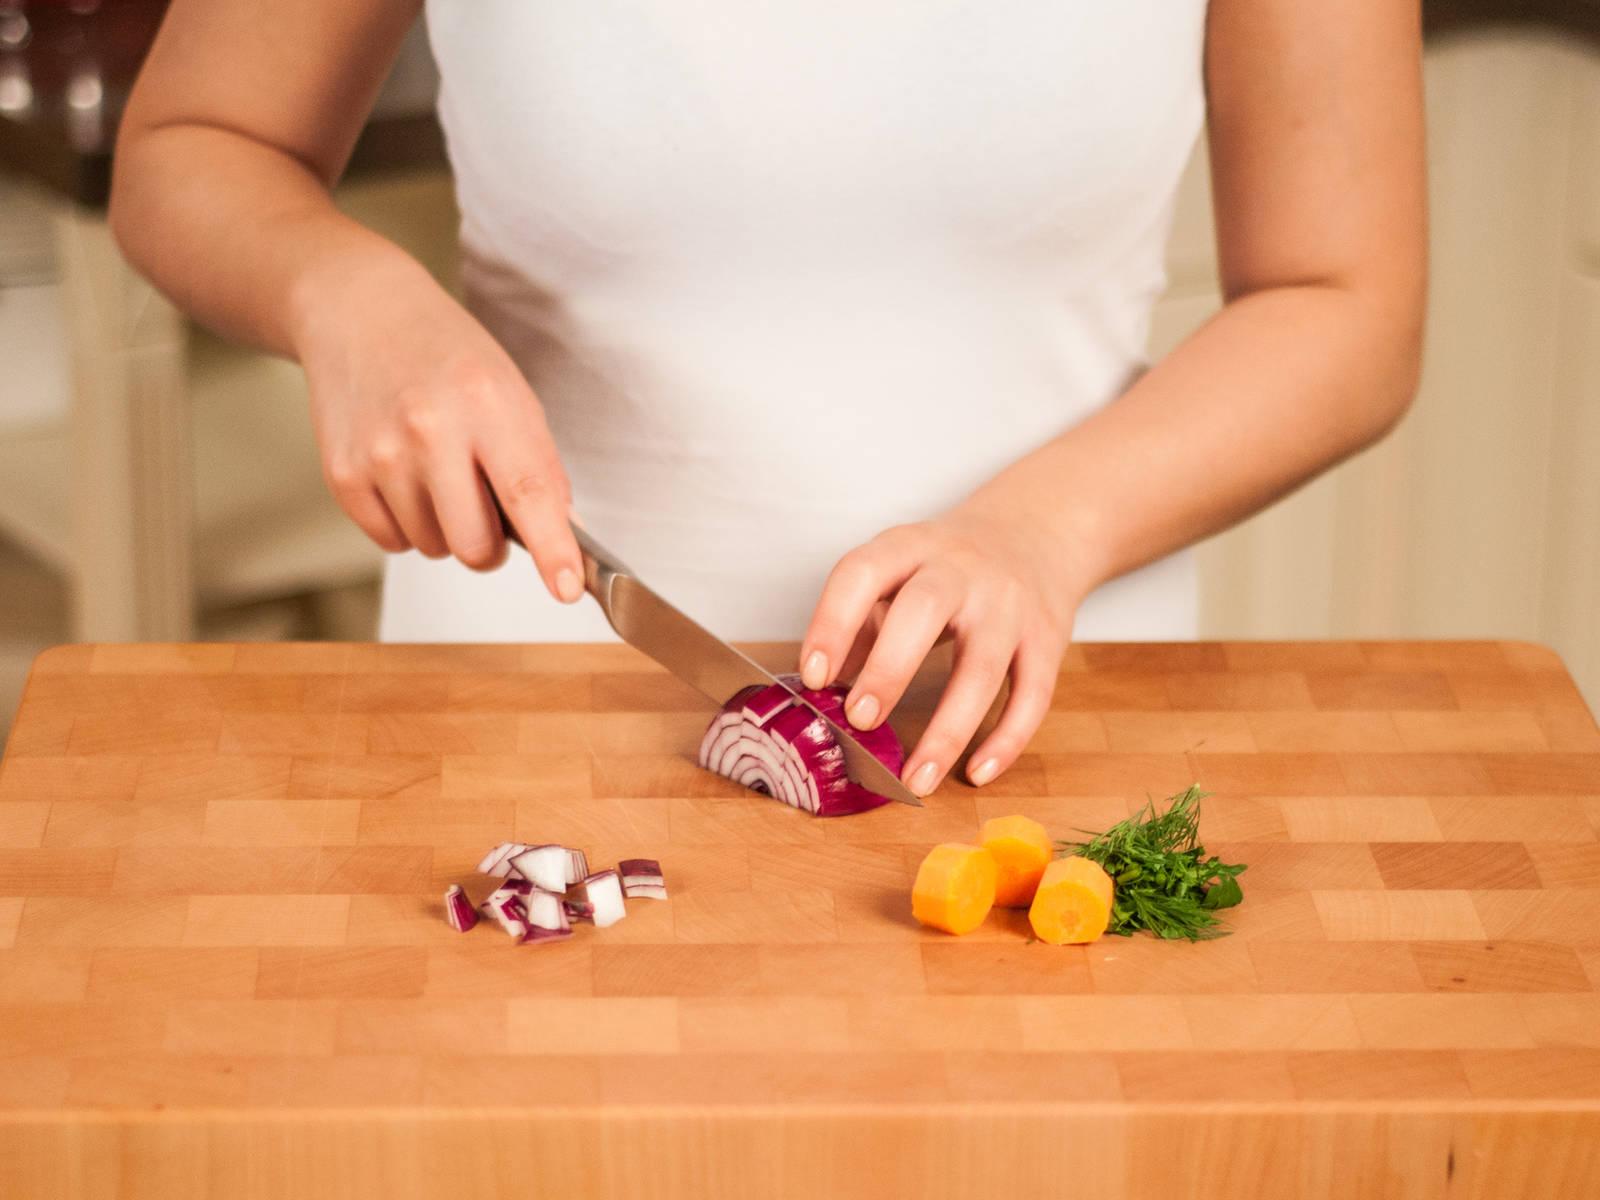 将欧芹、莳萝和香菜粗粗切碎。将胡萝卜和洋葱切成大块。